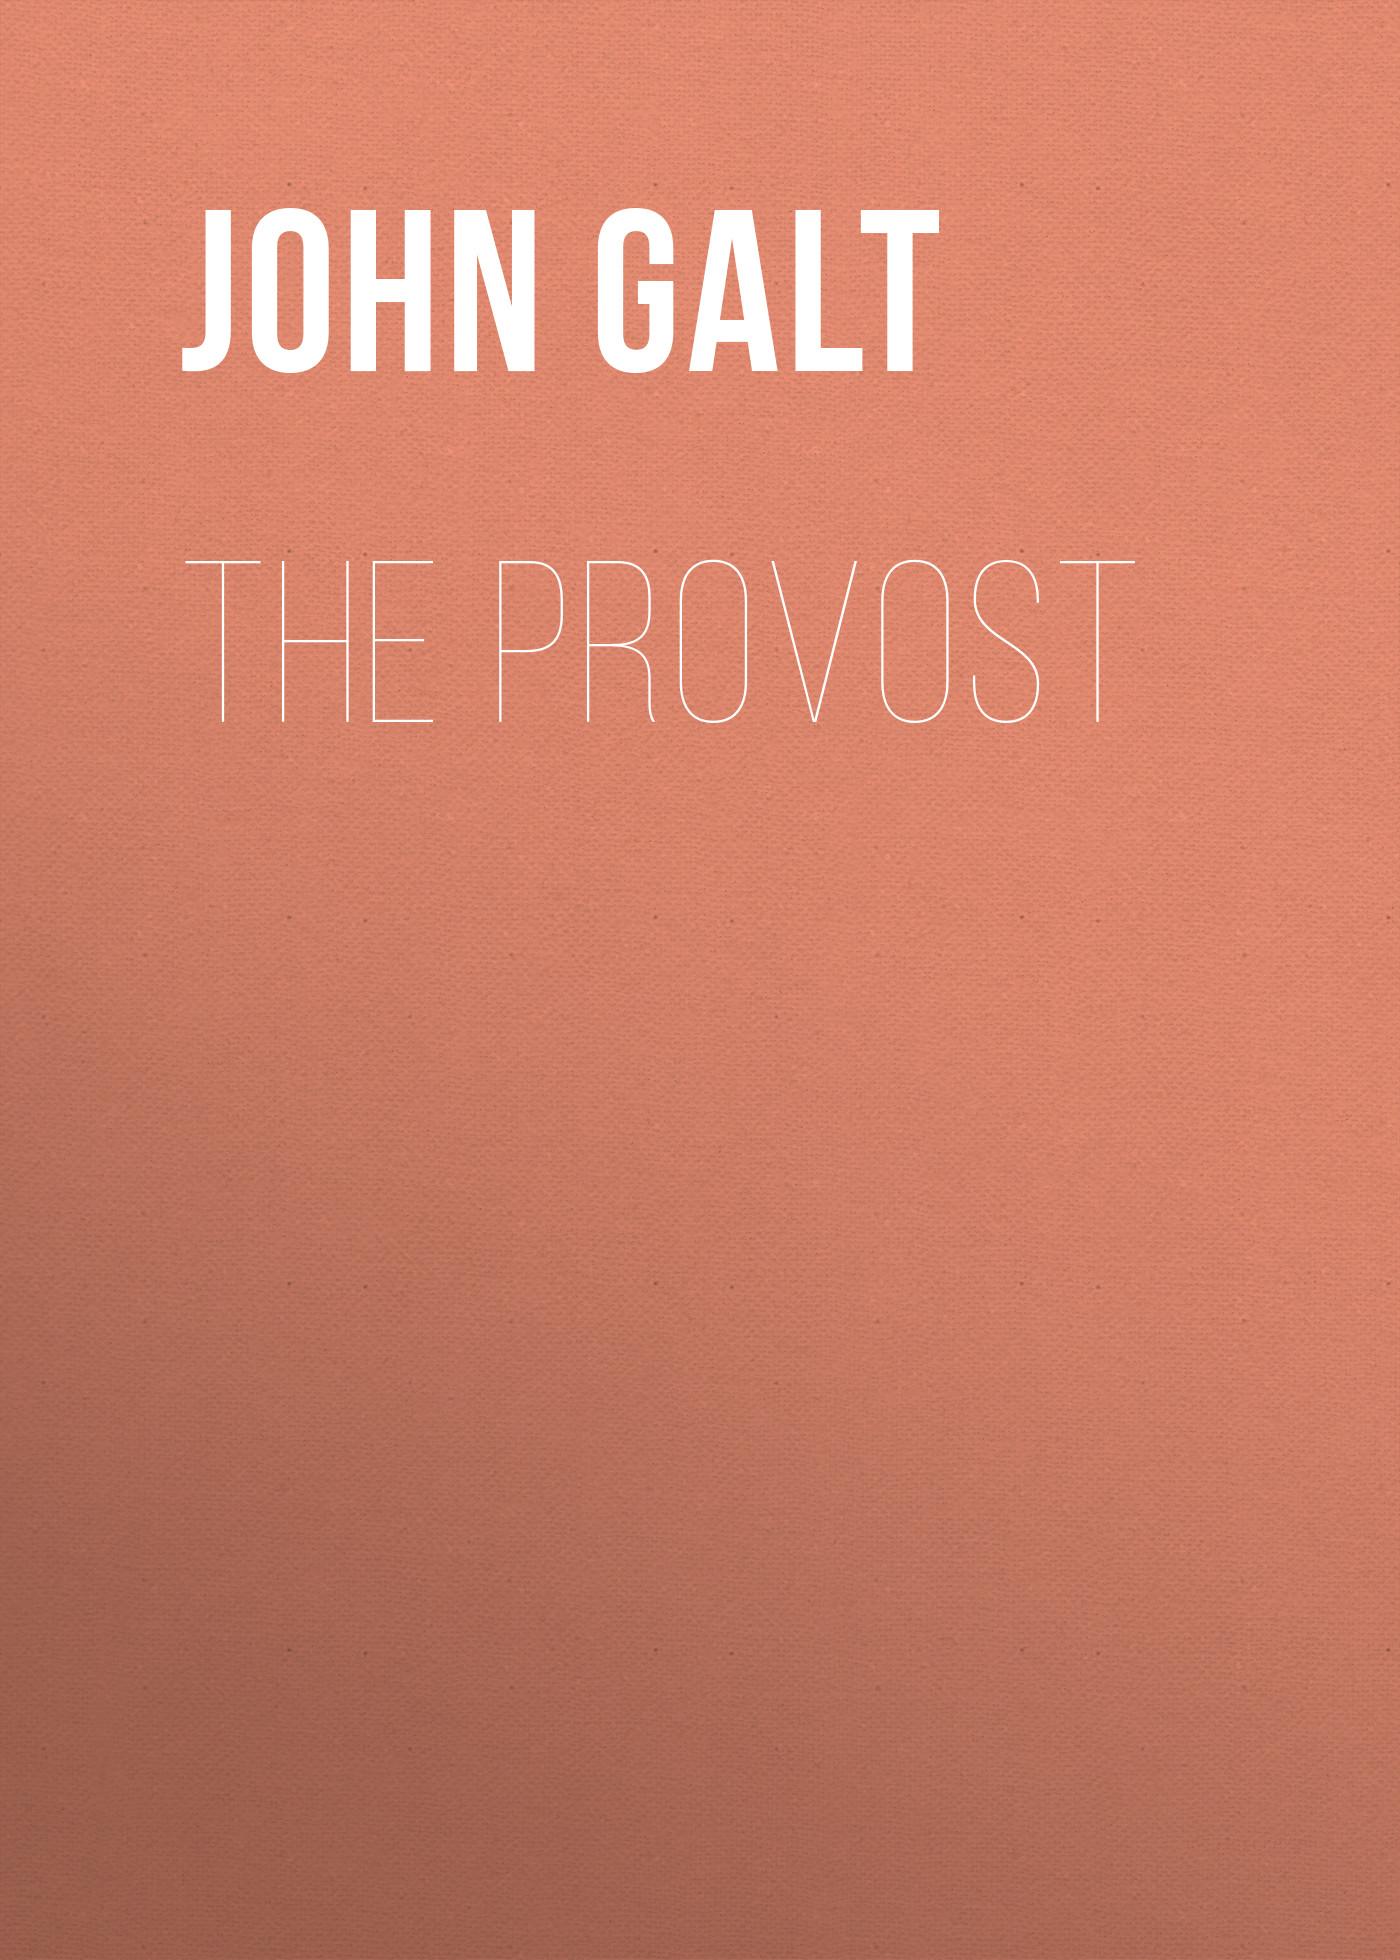 лучшая цена John Galt The Provost